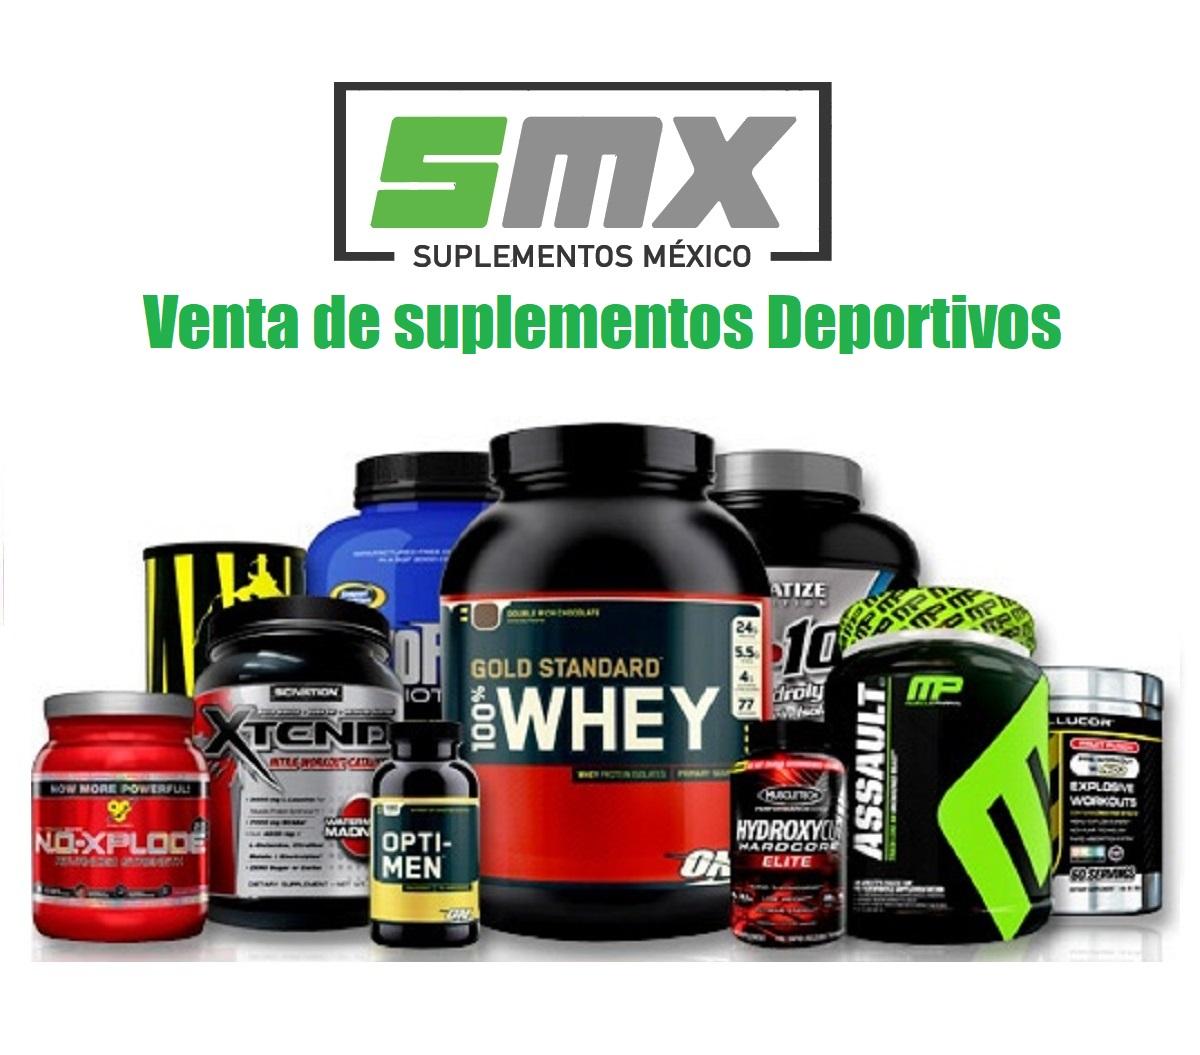 Suplementos México